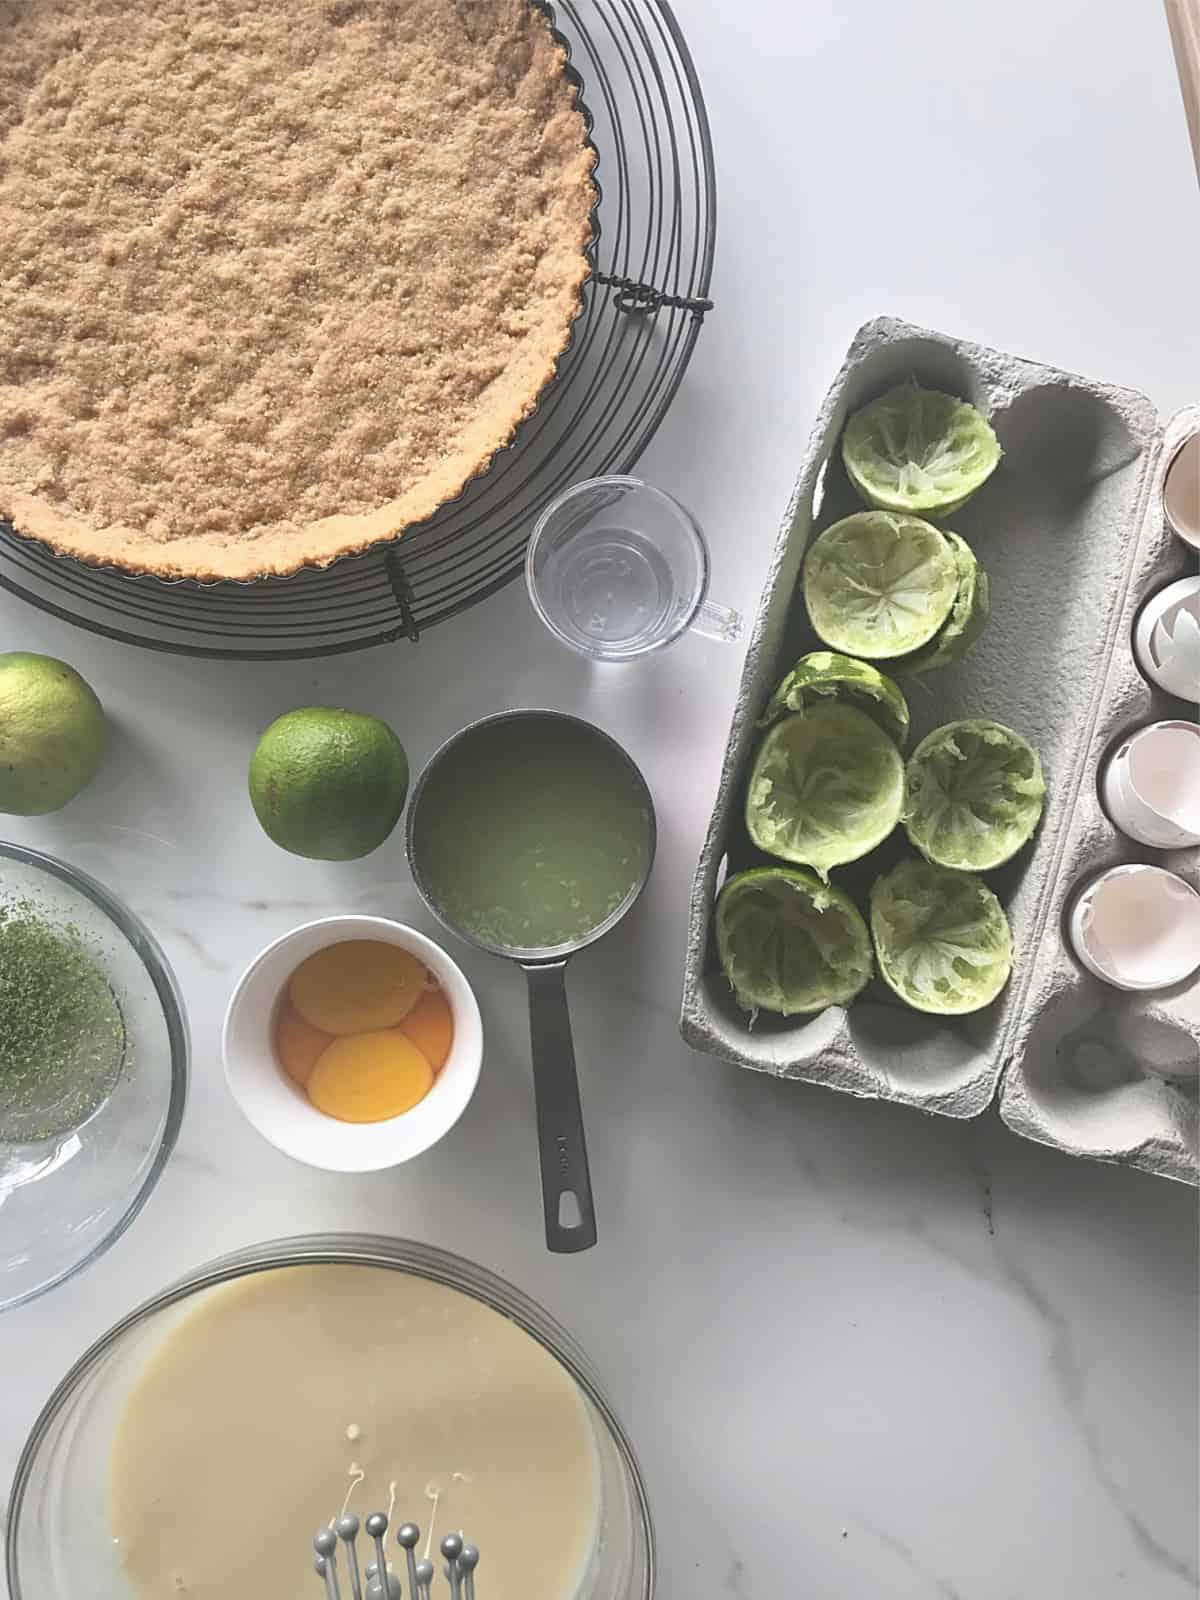 margarita key lime pie ingredients and crust